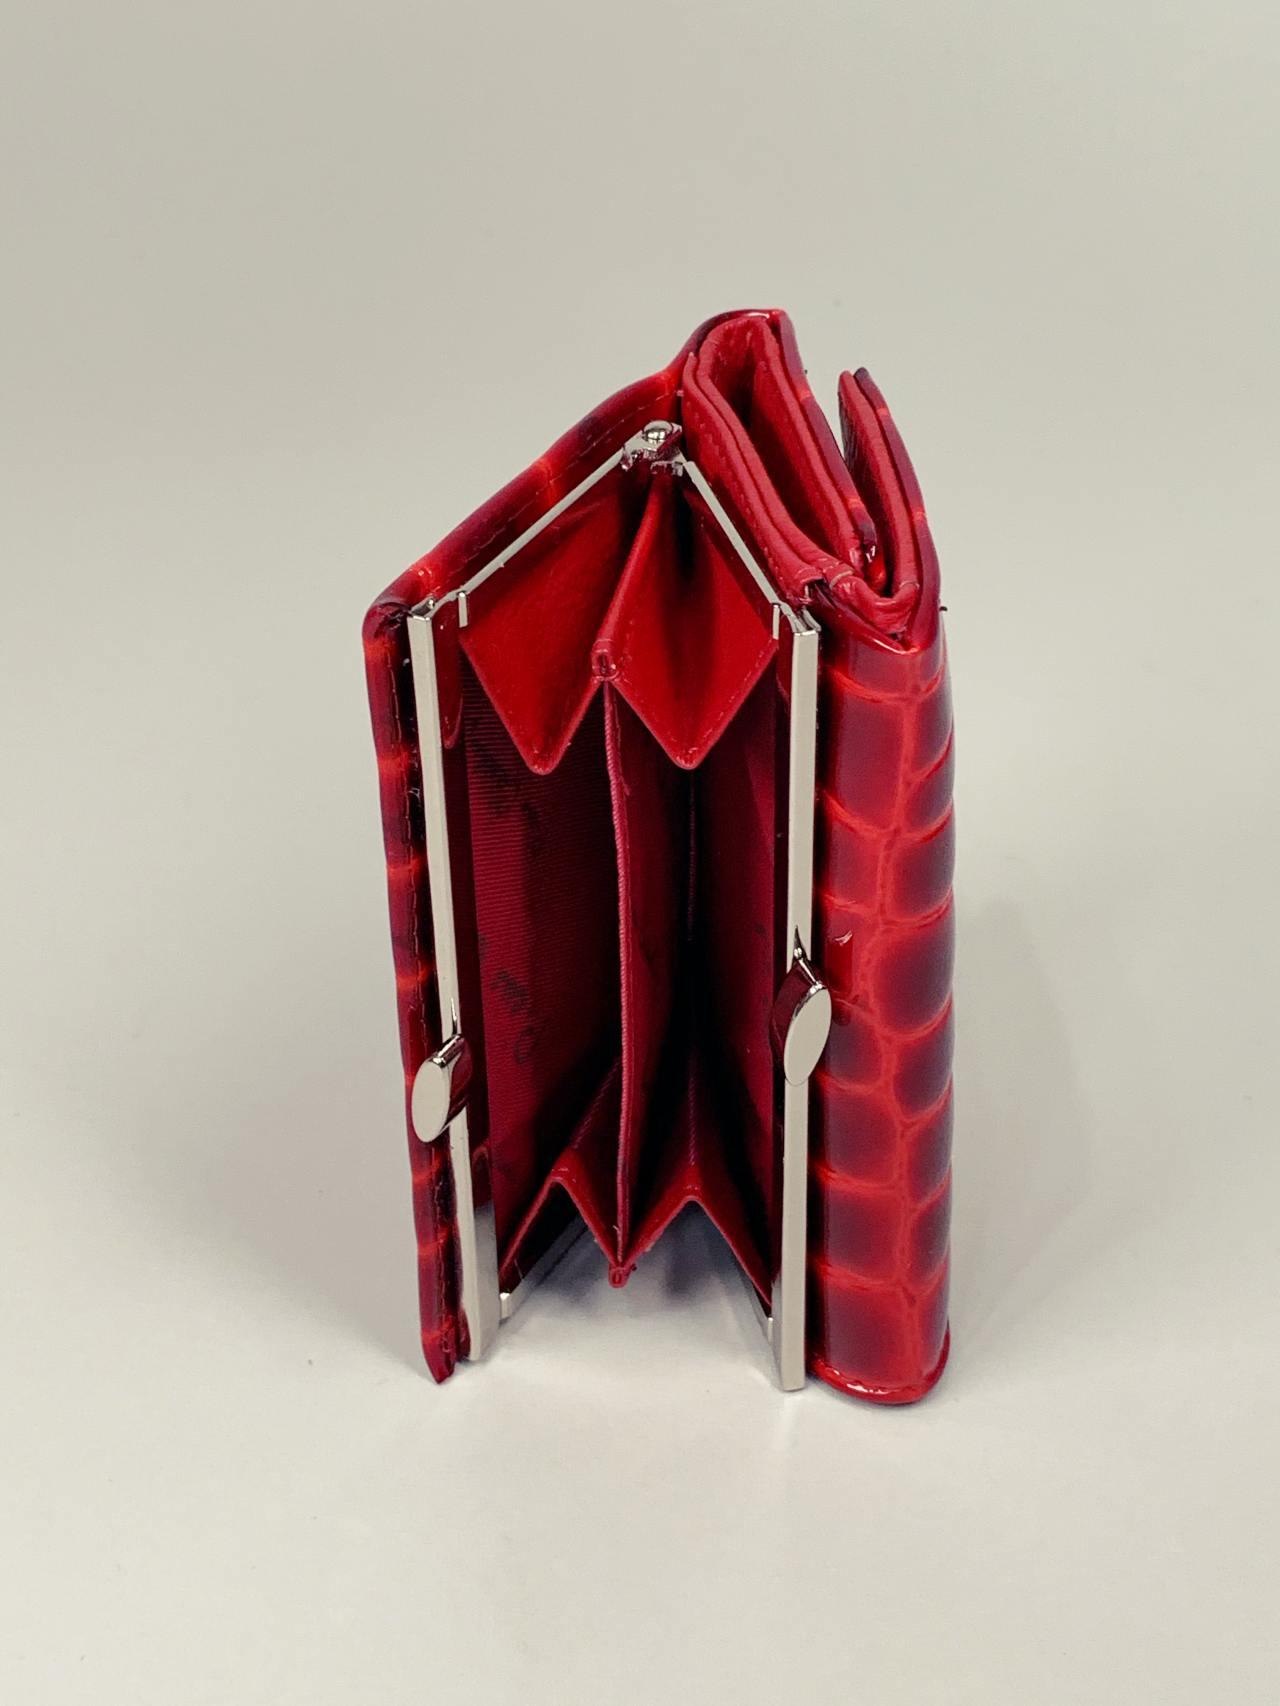 Kožená peněženka Pierre Cardin S červená -04